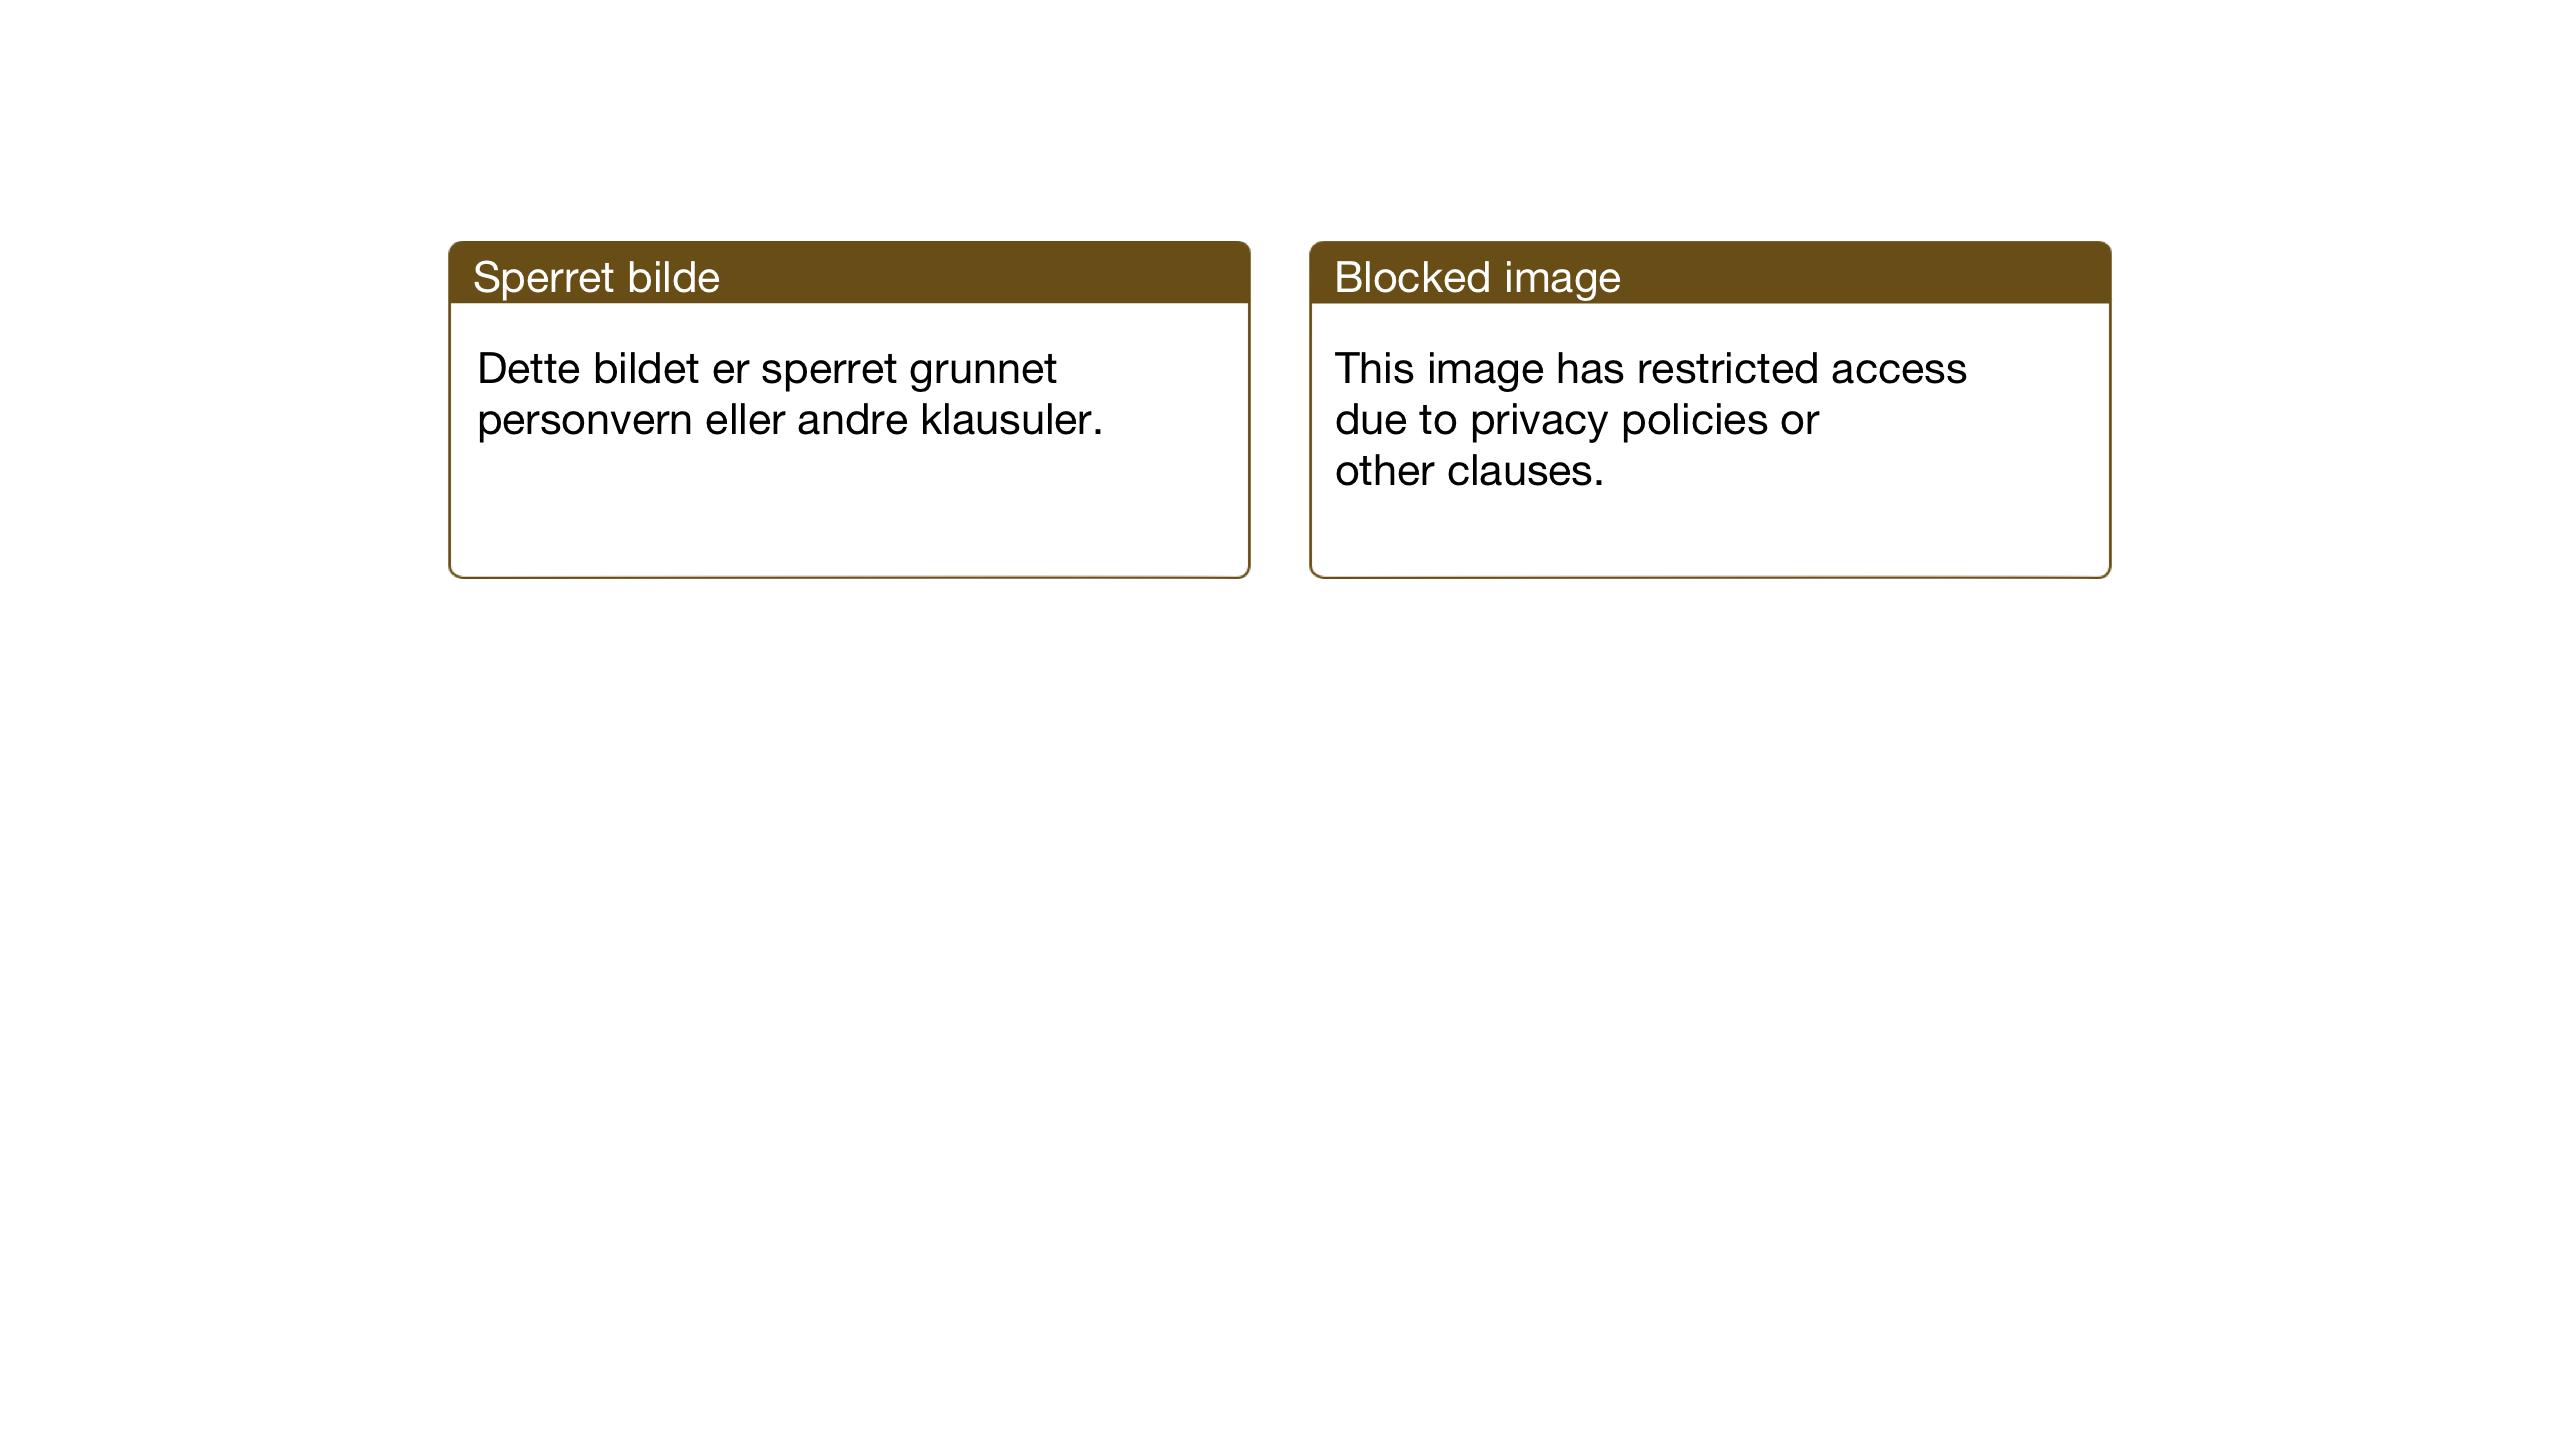 SAT, Ministerialprotokoller, klokkerbøker og fødselsregistre - Sør-Trøndelag, 611/L0359: Klokkerbok nr. 611C07, 1947-1950, s. 111